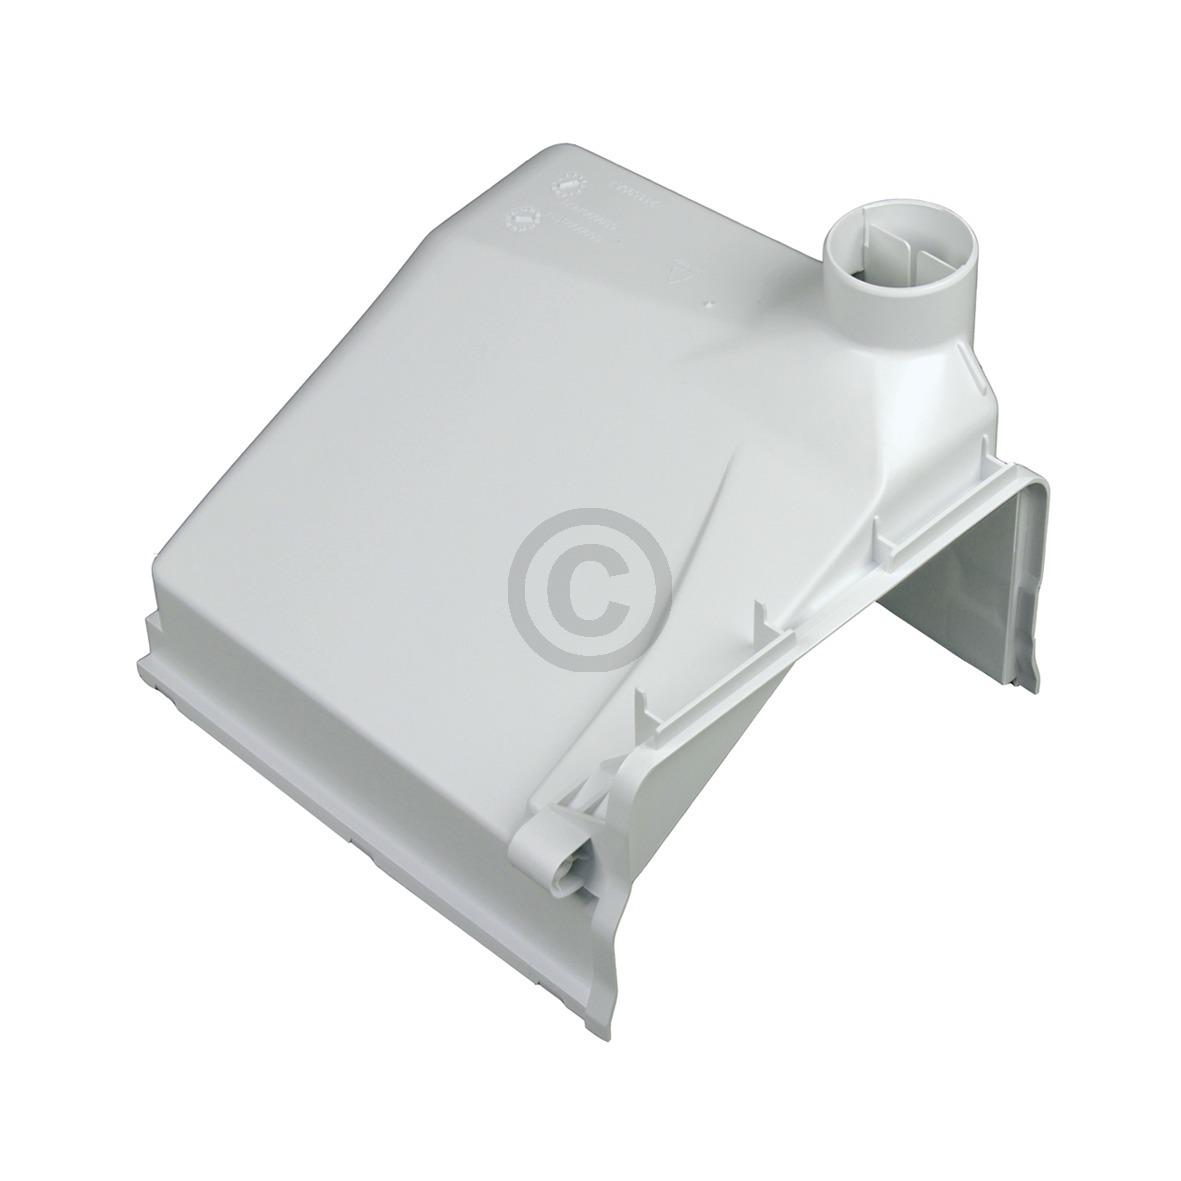 Einspülschalenunterteil 00354122 354122 Bosch, Siemens, Neff